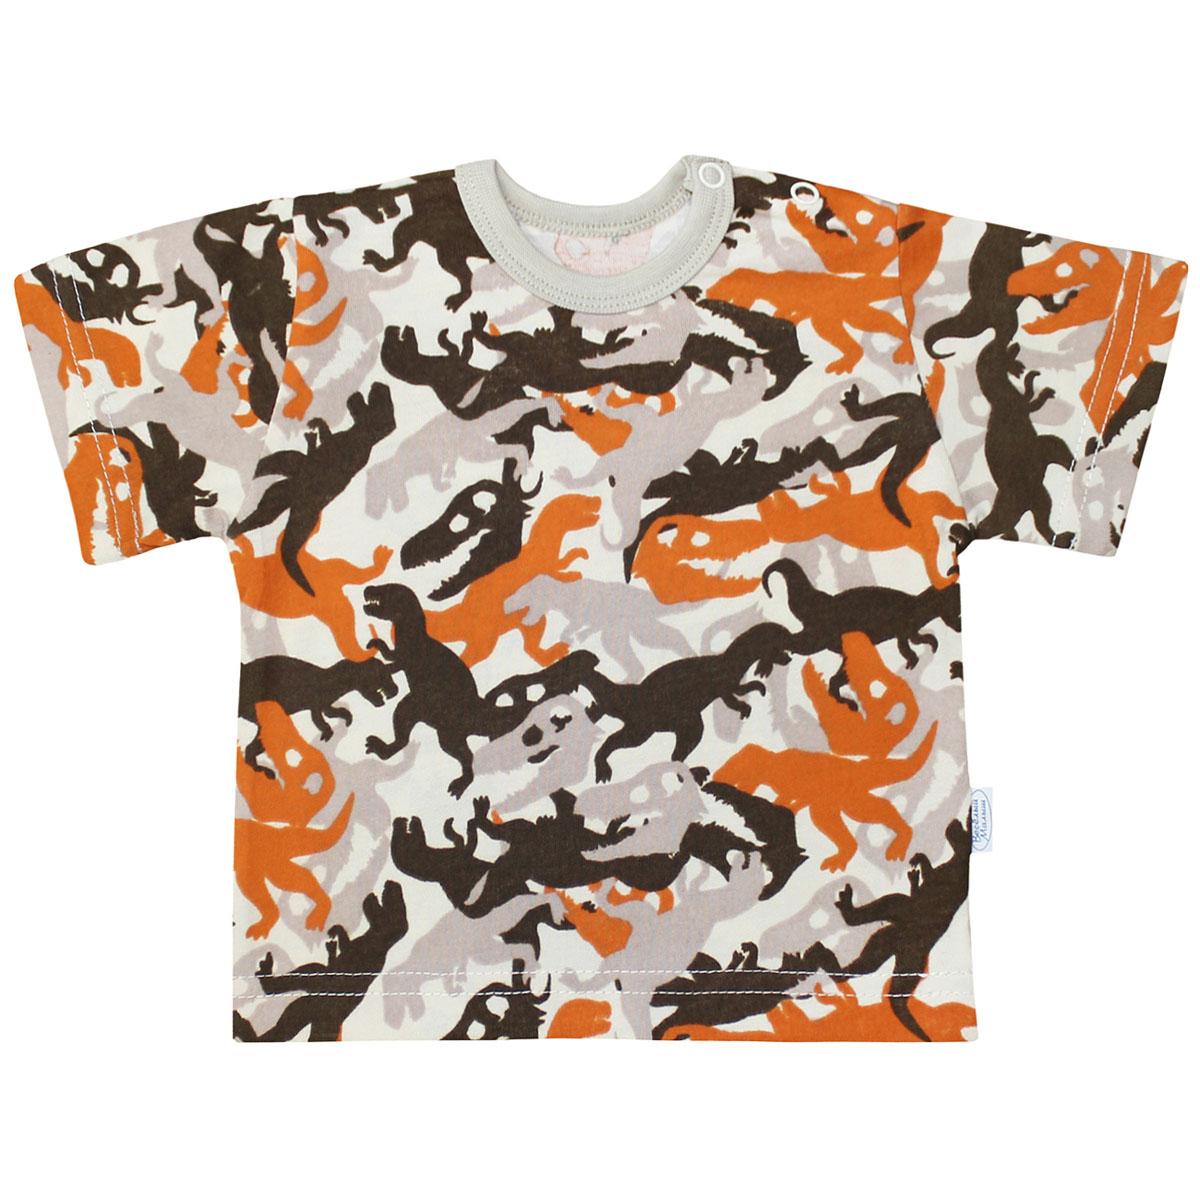 Футболка для мальчика Веселый малыш Динозавры, цвет: оранжевый. 67172/ди-оранж. Размер 6867172Футболка для мальчика Веселый малыш выполнена из качественного материала. Модель с круглым вырезом горловины и короткими рукавами.